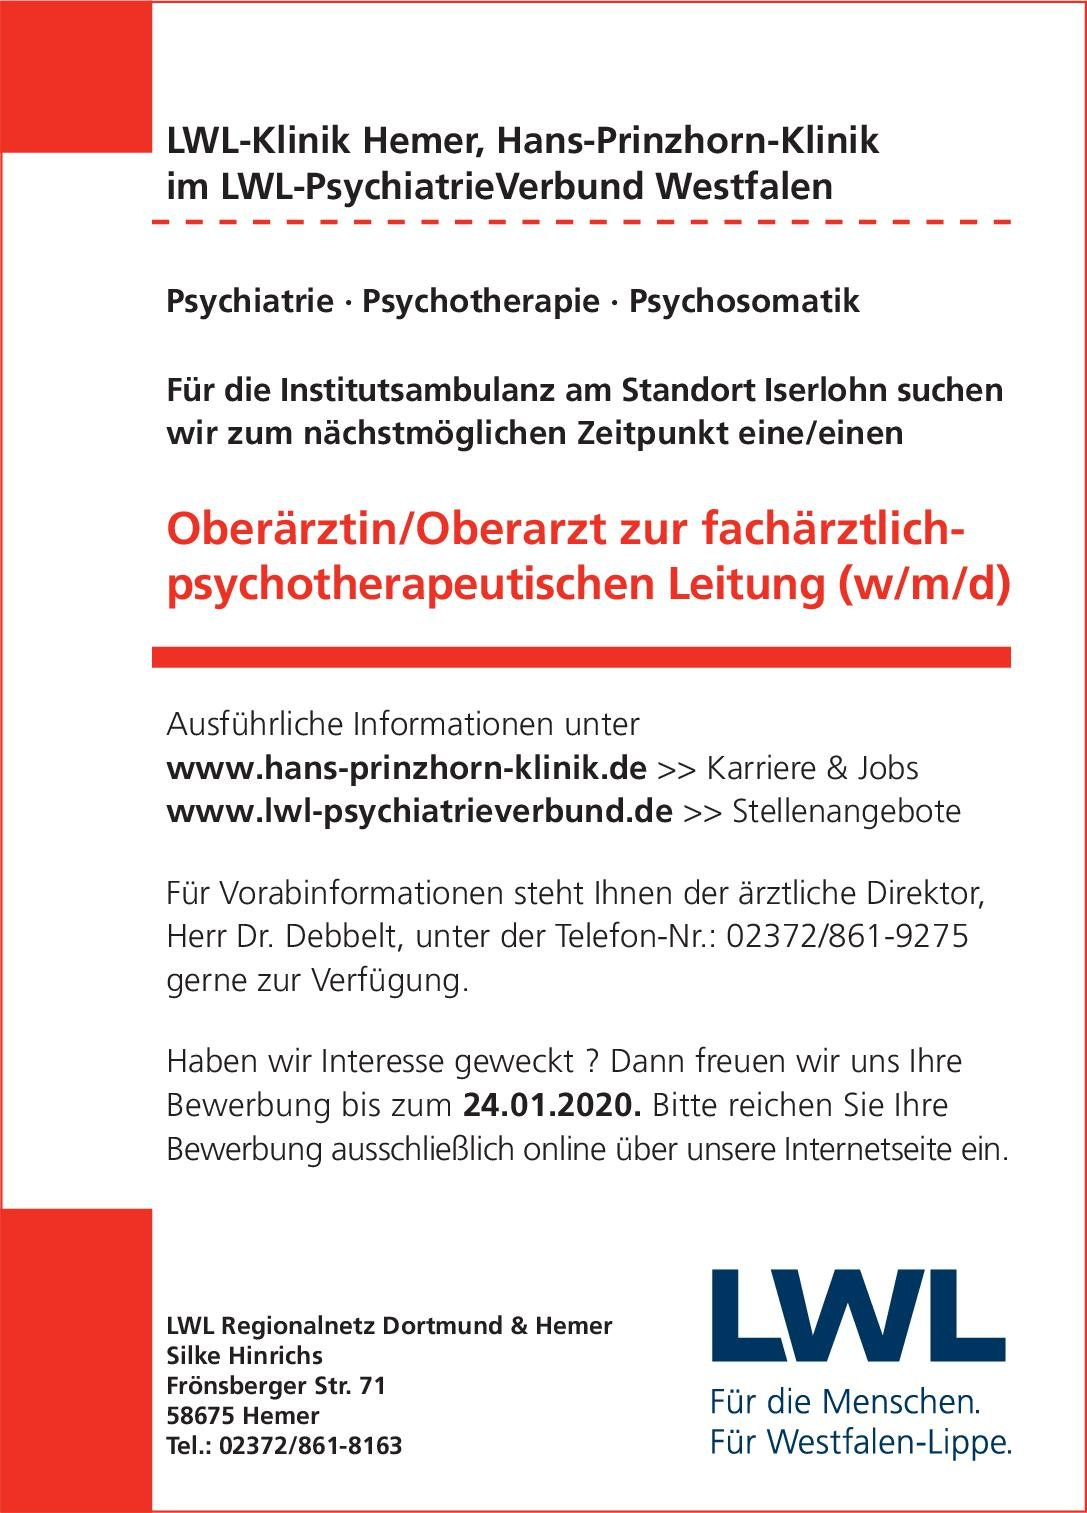 LWL-Klinik Hemer, Hans-Prinzhorn-Klinik Oberärztin/Oberarzt zur fachärztlich-psychotherapeutischen Leitung (w/m/d)  Psychiatrie und Psychotherapie, Psychiatrie und Psychotherapie Oberarzt